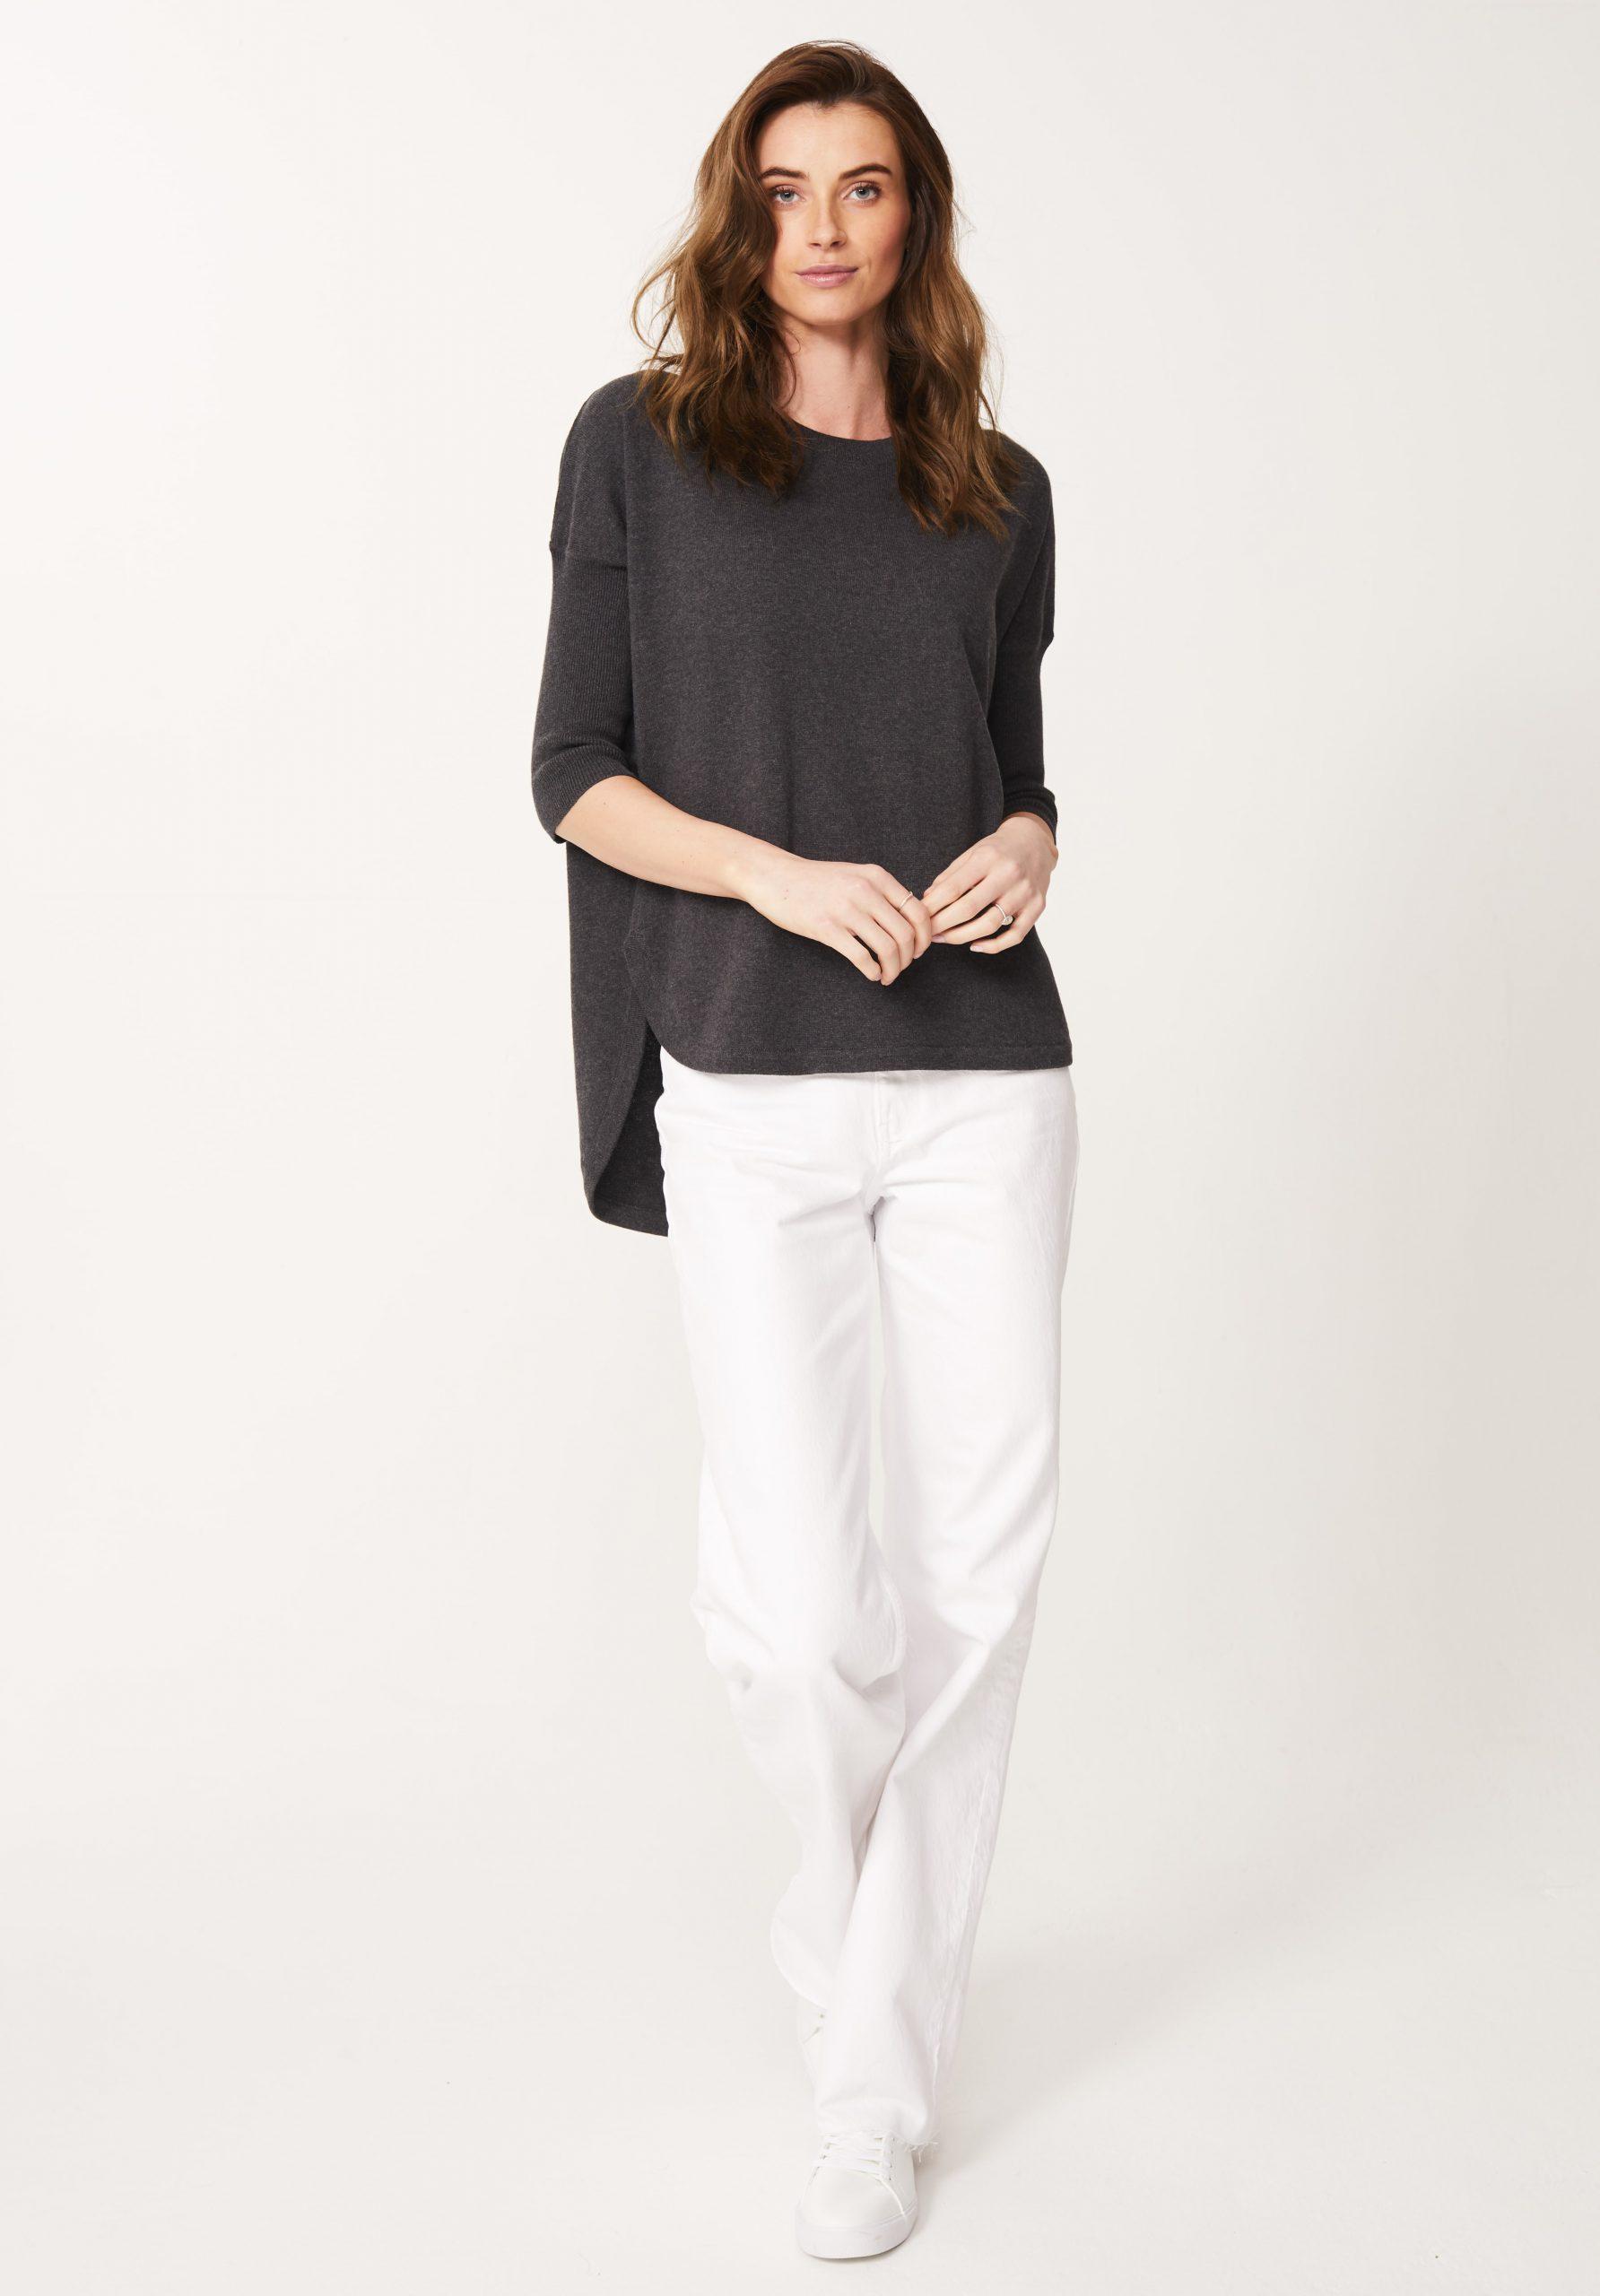 Cotton Tunic in Graphite Marl